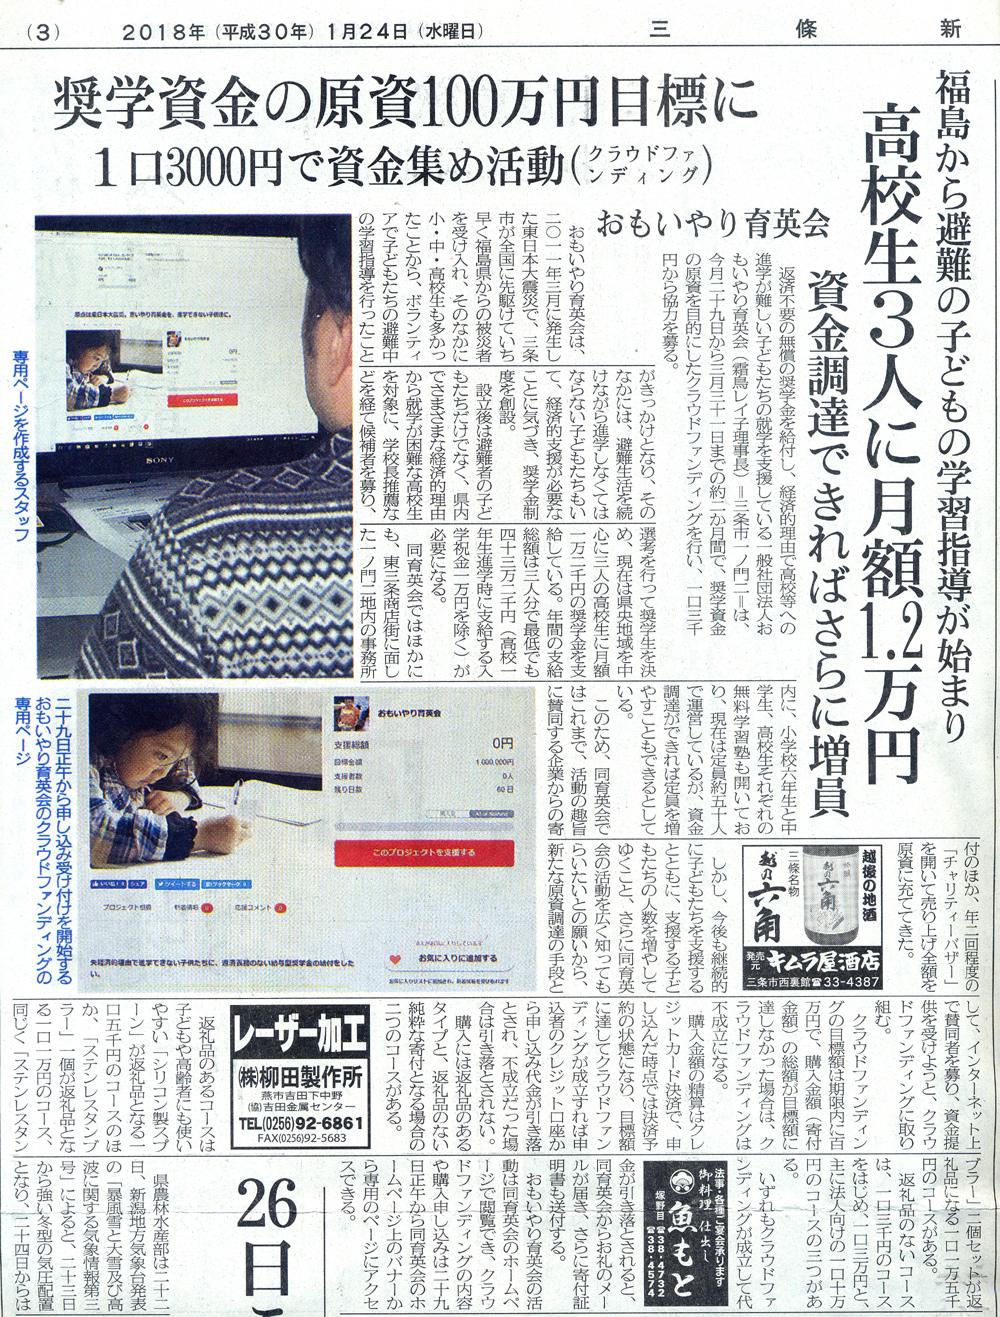 2018-01-24sanjo.jpg